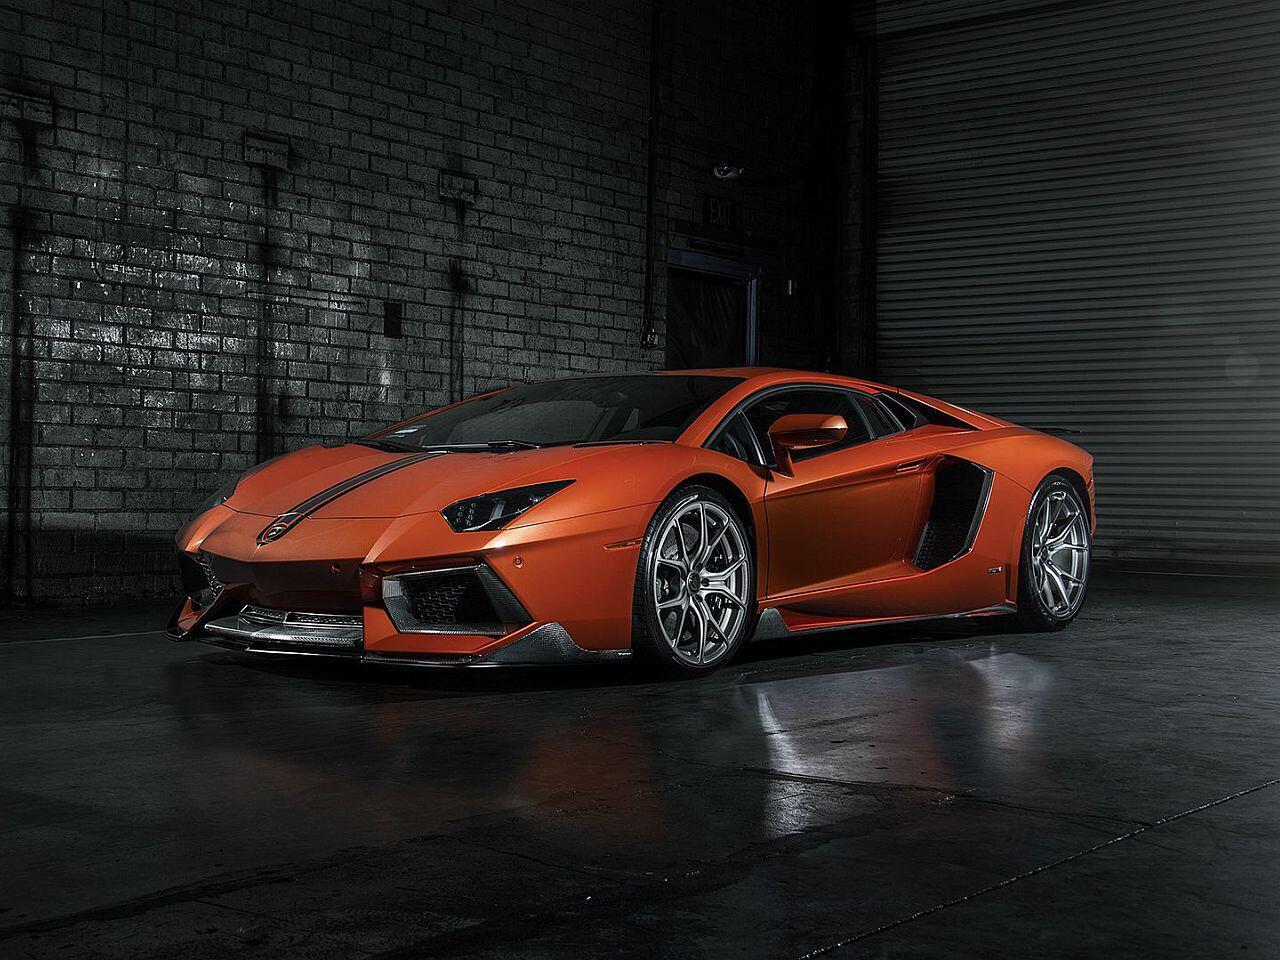 Bild zu Aufgebrezelter Kampfstier: Lamborghini Aventador von Vorsteiner